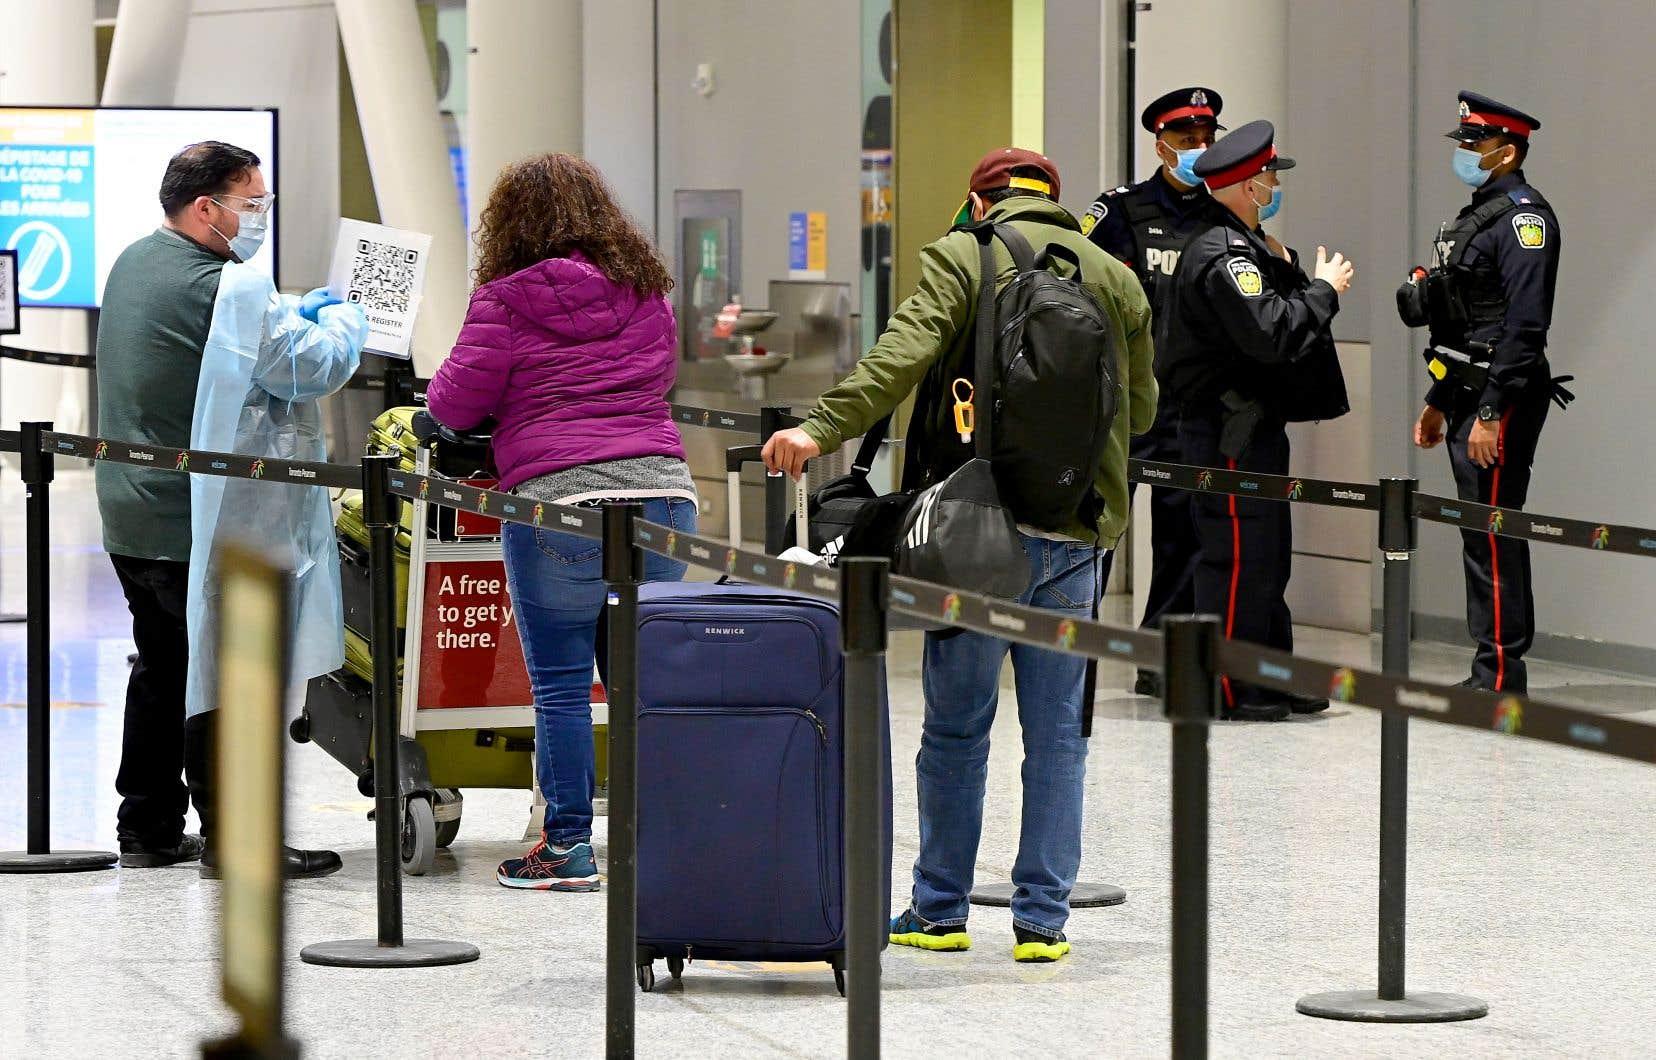 Les Canadiens ont traversé la frontière pas moins de 15,7 millions de fois pour séjourner aux États-Unis en 2018 — de loin la destination la plus populaire des touristes canadiens —, tandis que les Américains ont fait le trajet inverse à 14,4 millions de reprises.